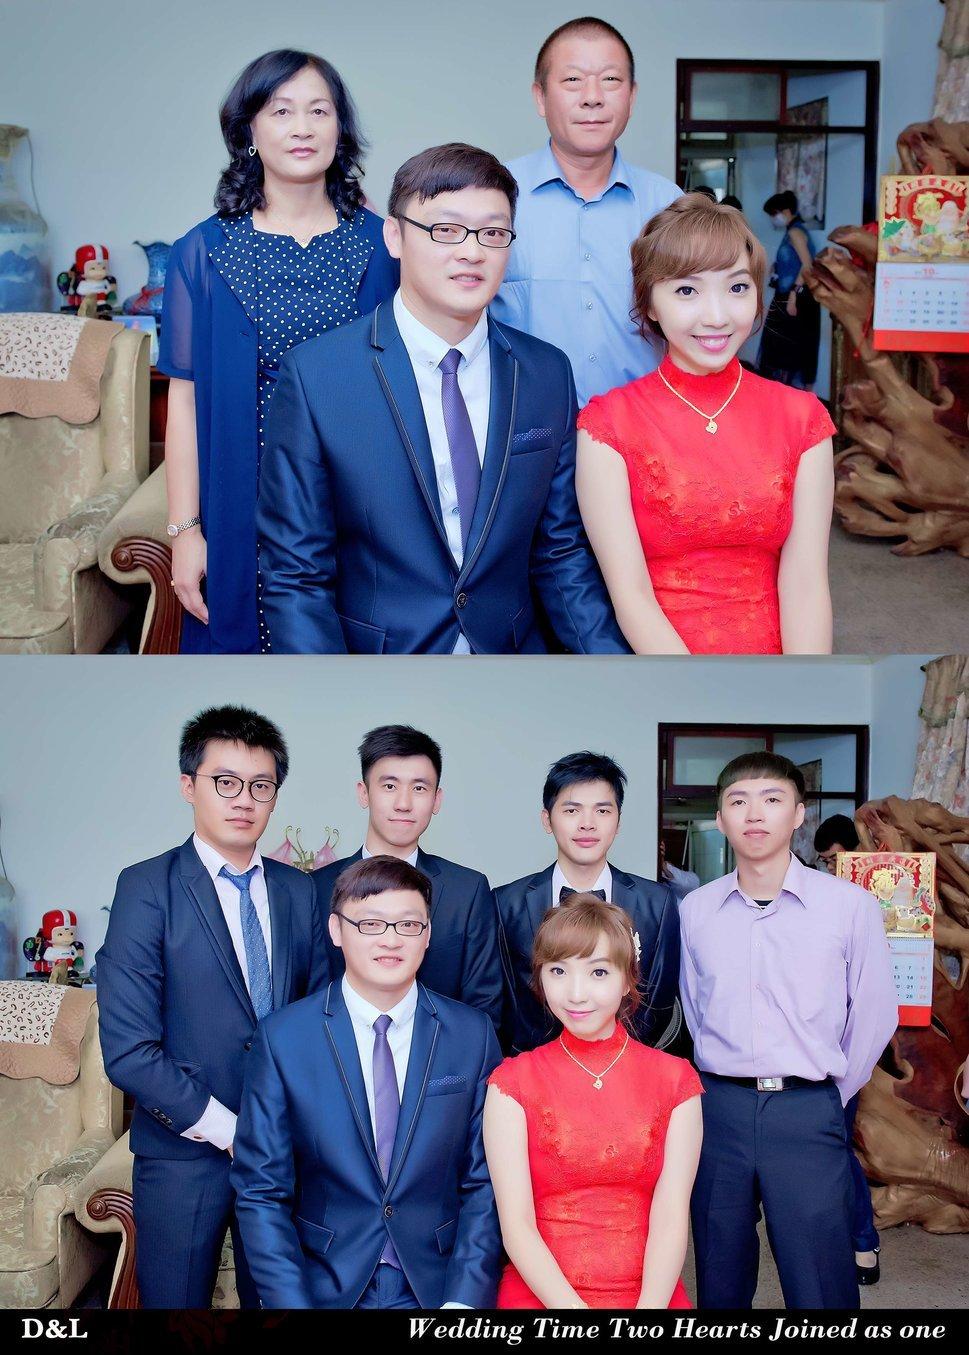 婚禮紀錄 嘉捷&莉卿(編號:300032) - D&L 婚禮事務-婚禮攝影/婚紗寫真 - 結婚吧一站式婚禮服務平台